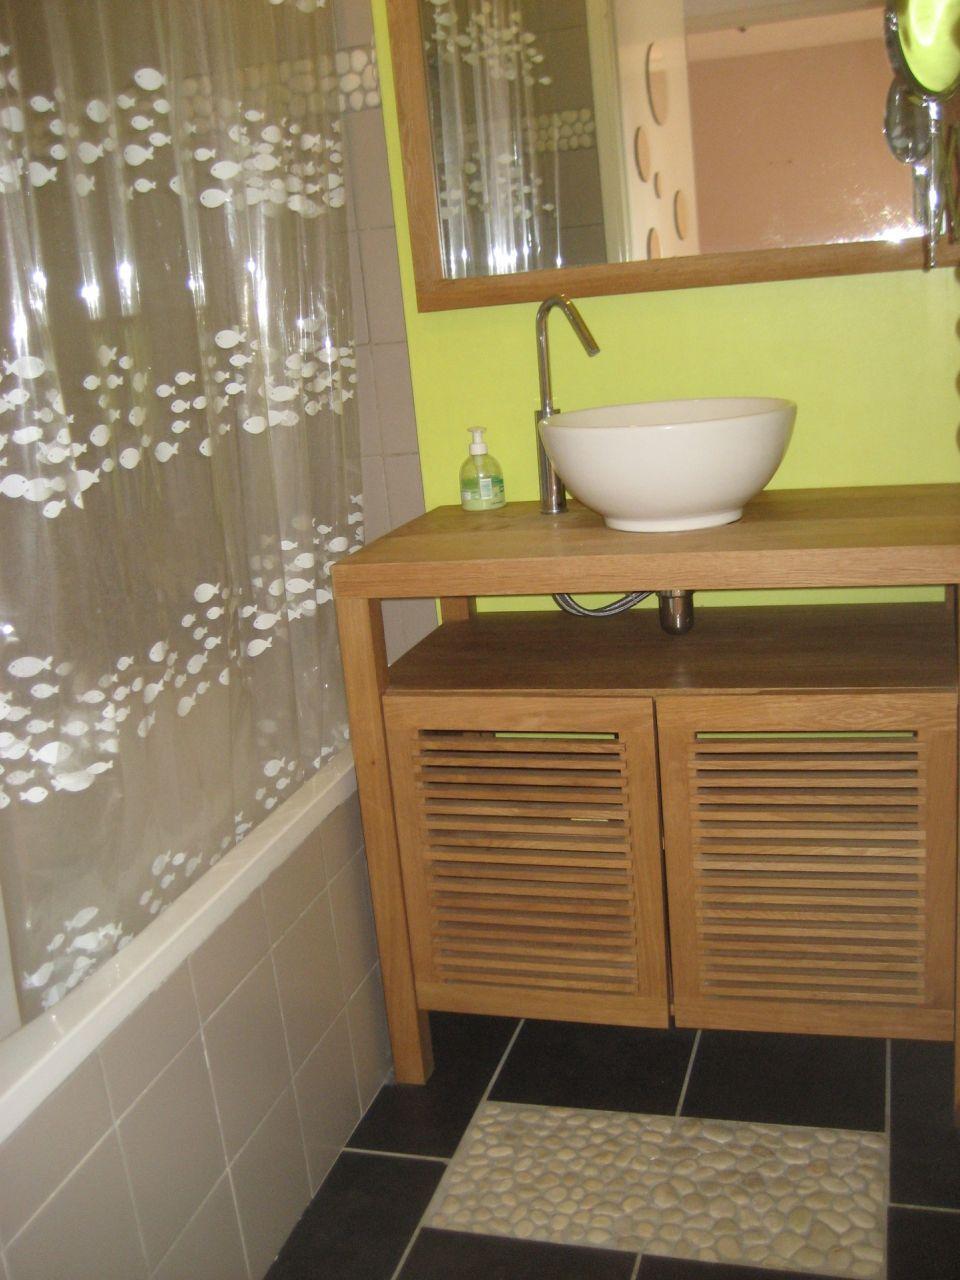 salle de bain actuelle. je souhaite enlever le meuble de salle de bain actuel et placer le lave lige sur la droite de la photo.